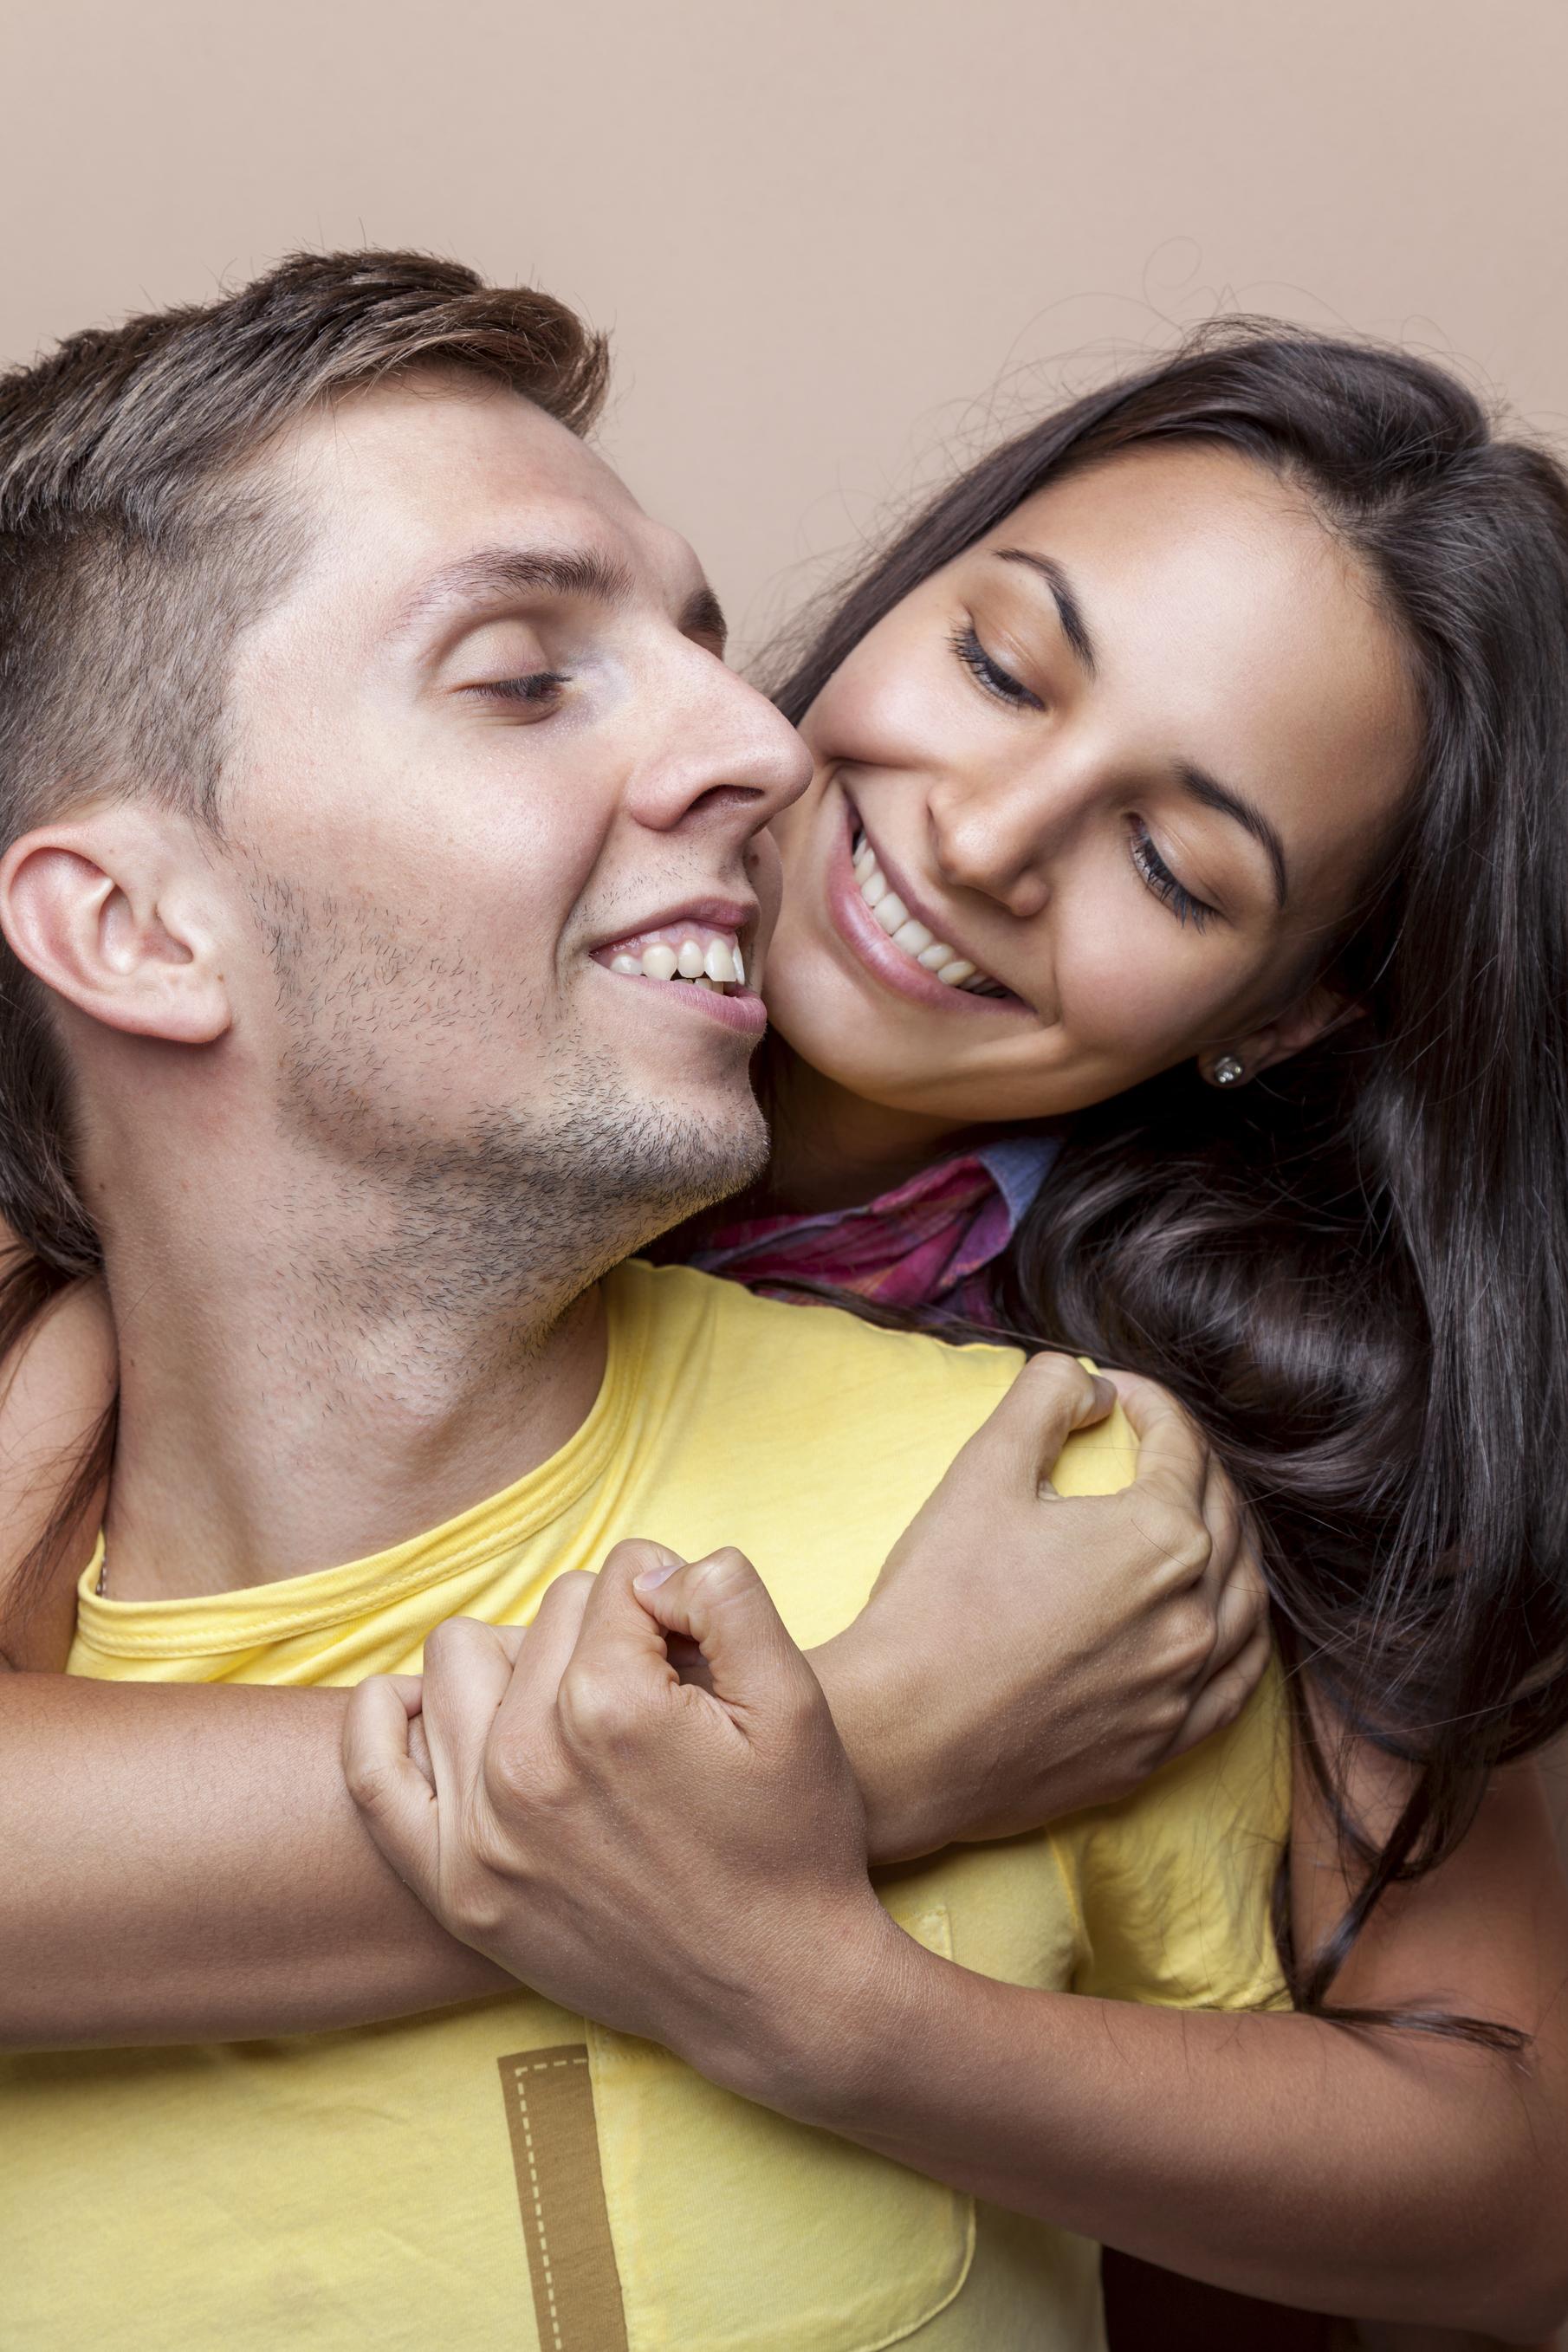 Eingängiger Titel für Dating-Profil